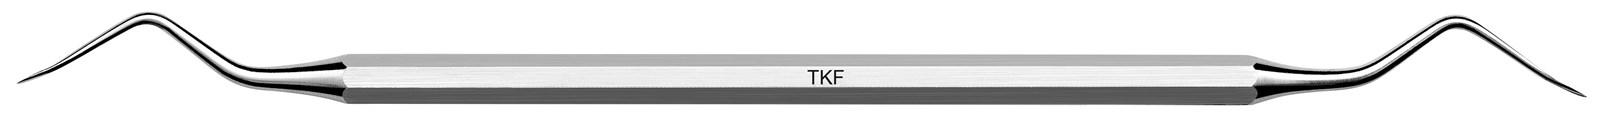 Nůž pro tunelovou techniku - TKF, ADEP fialový